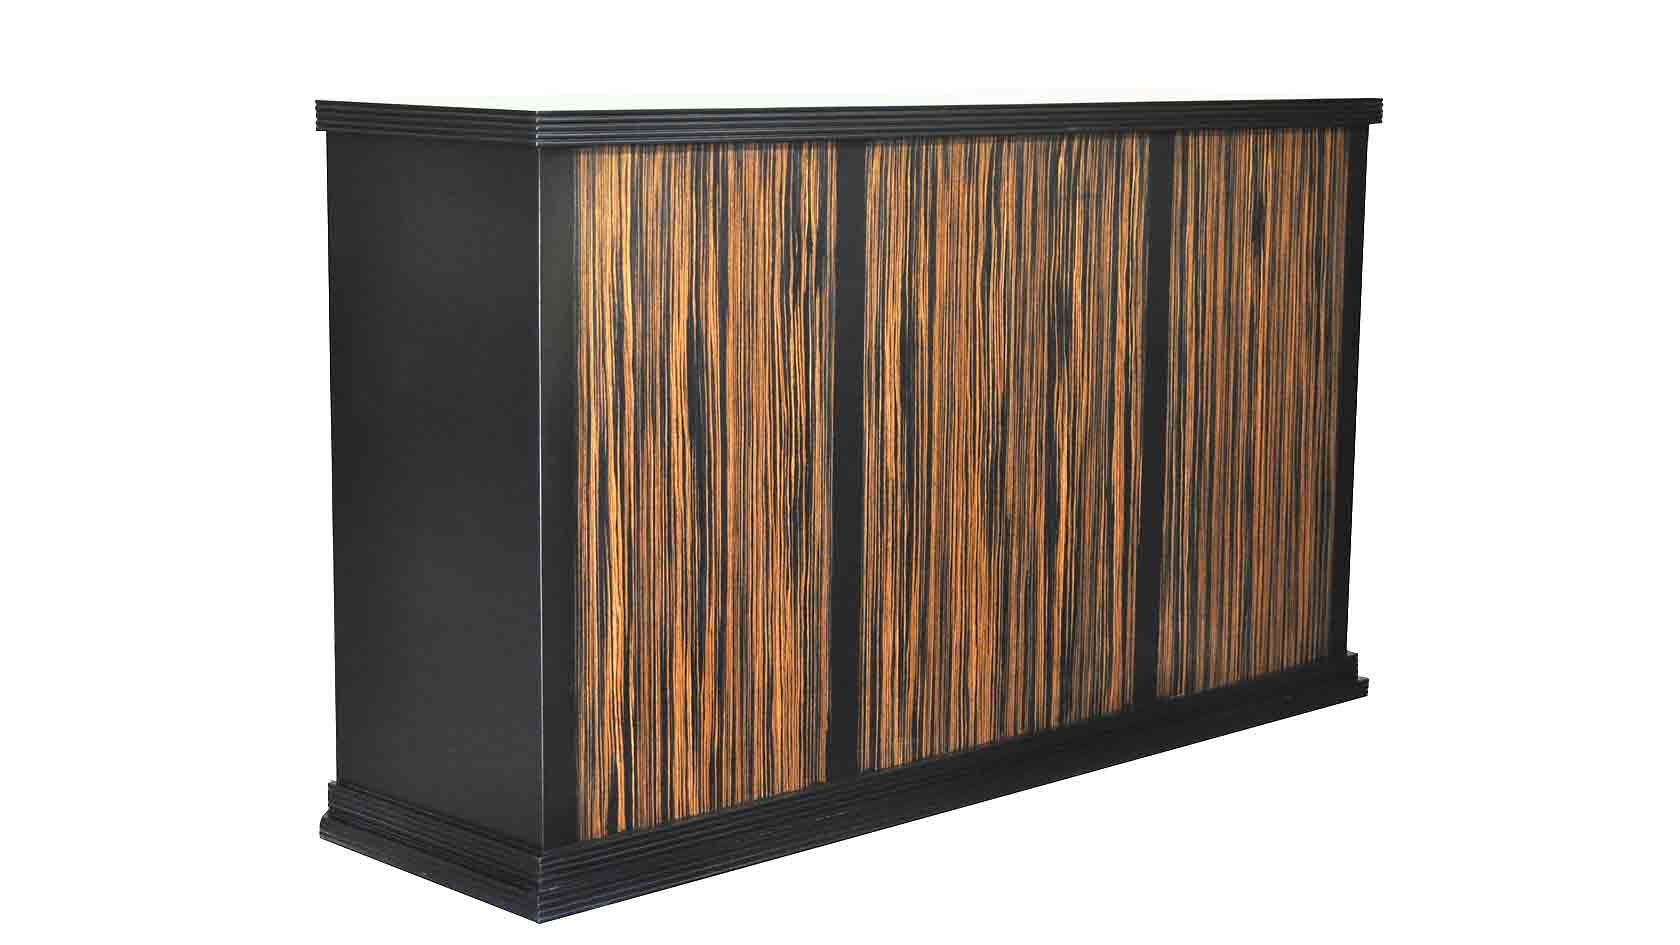 modena pop up flatscreen cabinet